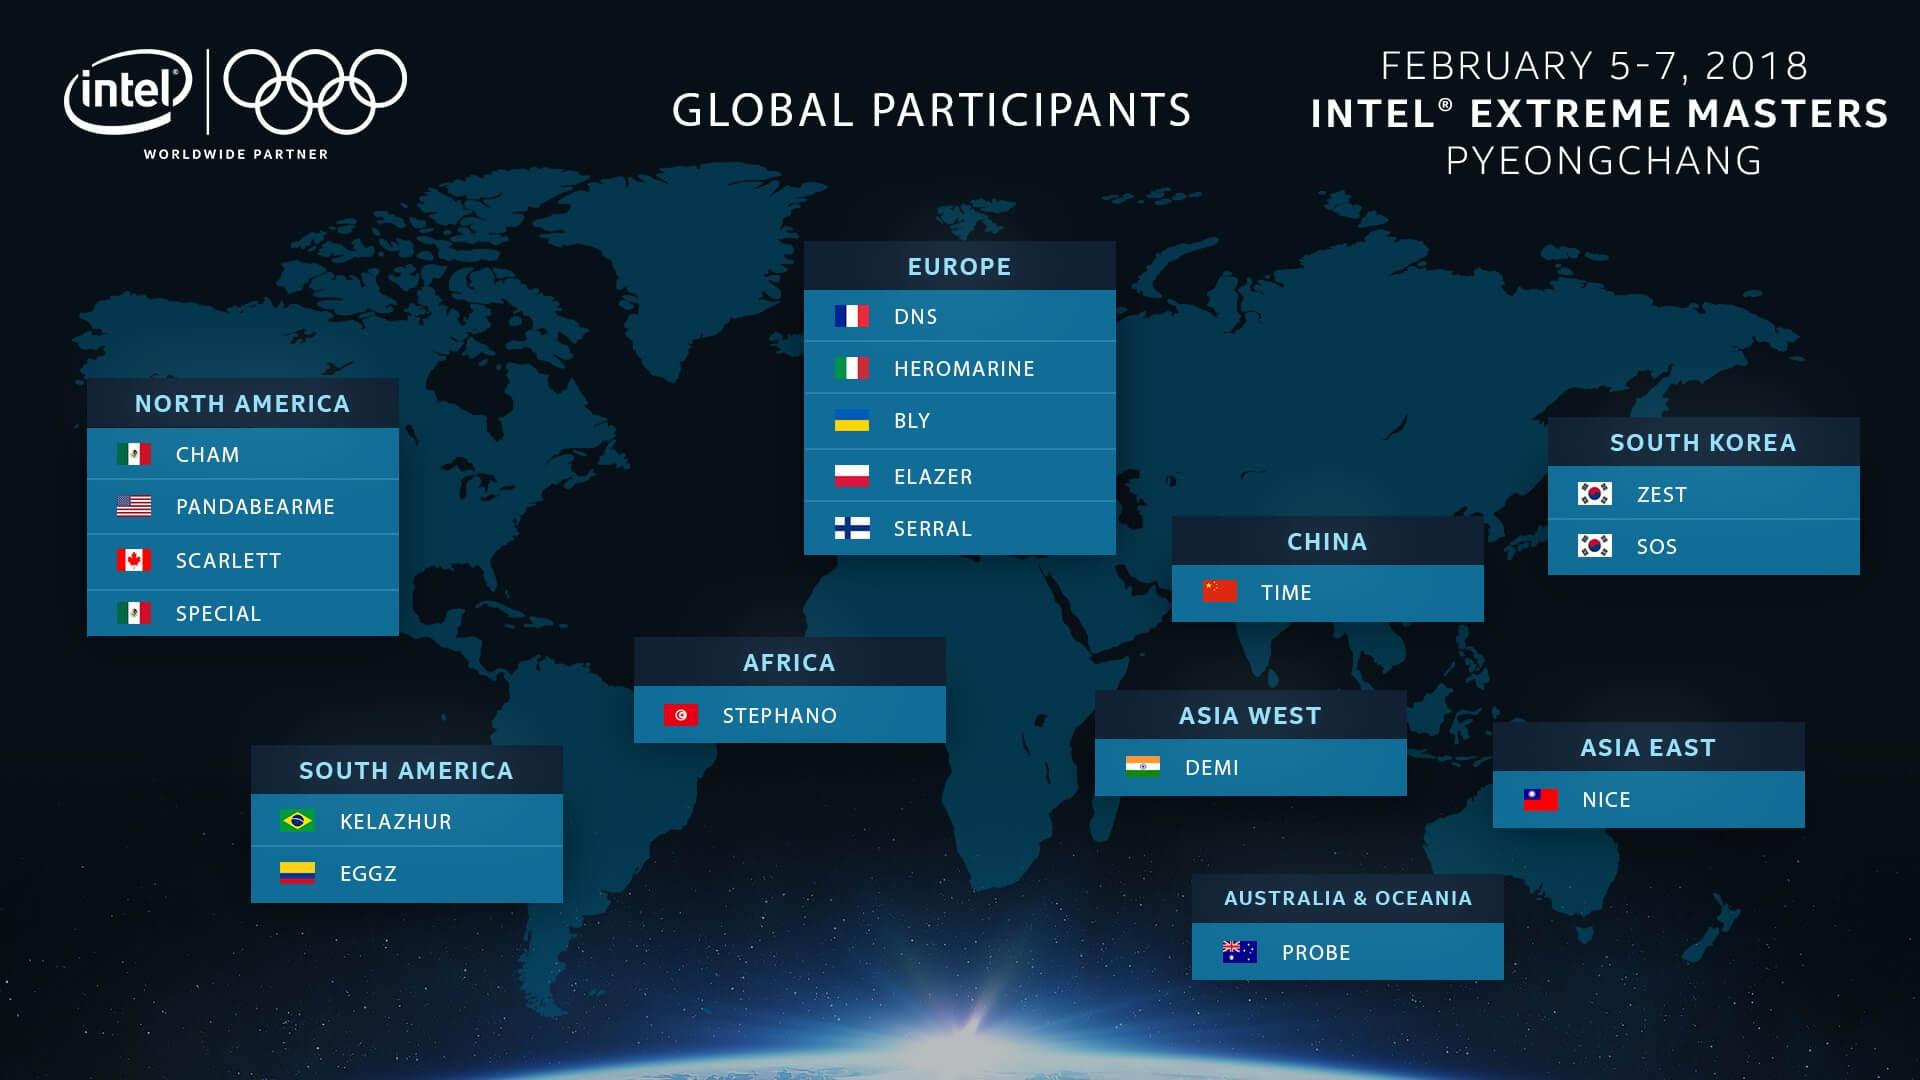 NP: Damos a conocer los finalistas del Intel Extreme Masters PyeongChang